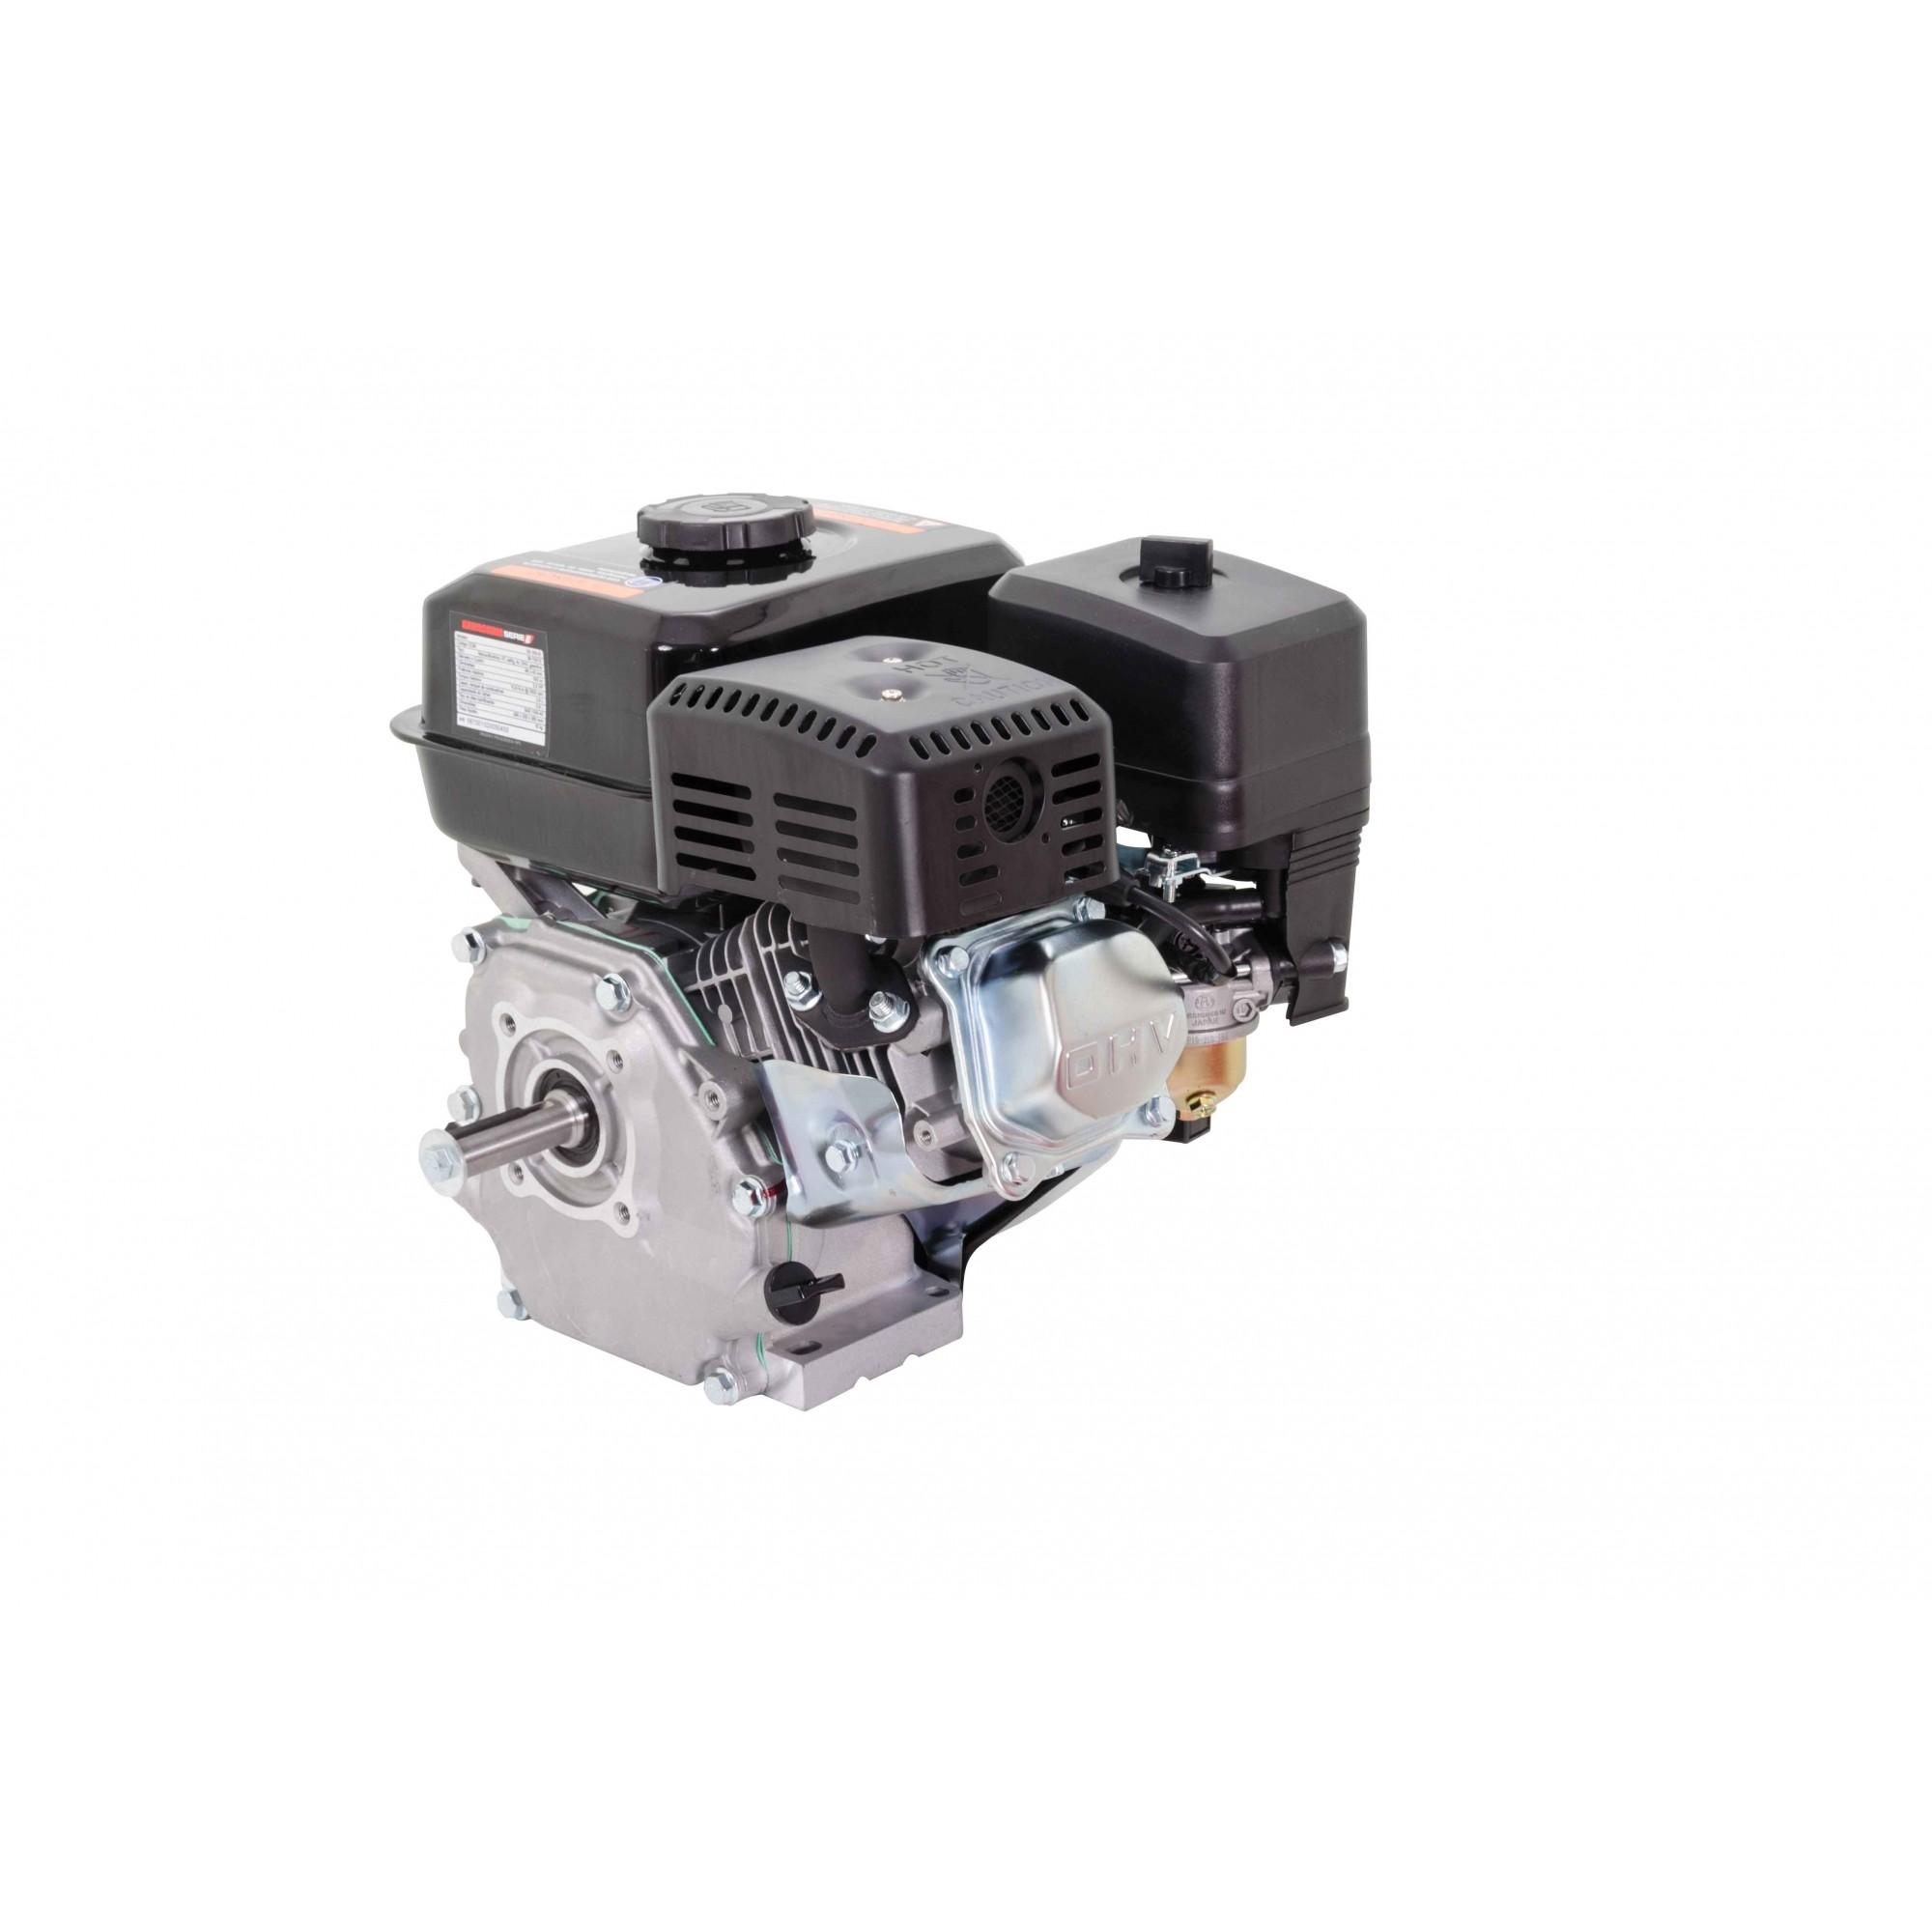 Motor Estacionário 5,5hp Eixo Horizontal 4t Kawashima Ge550B